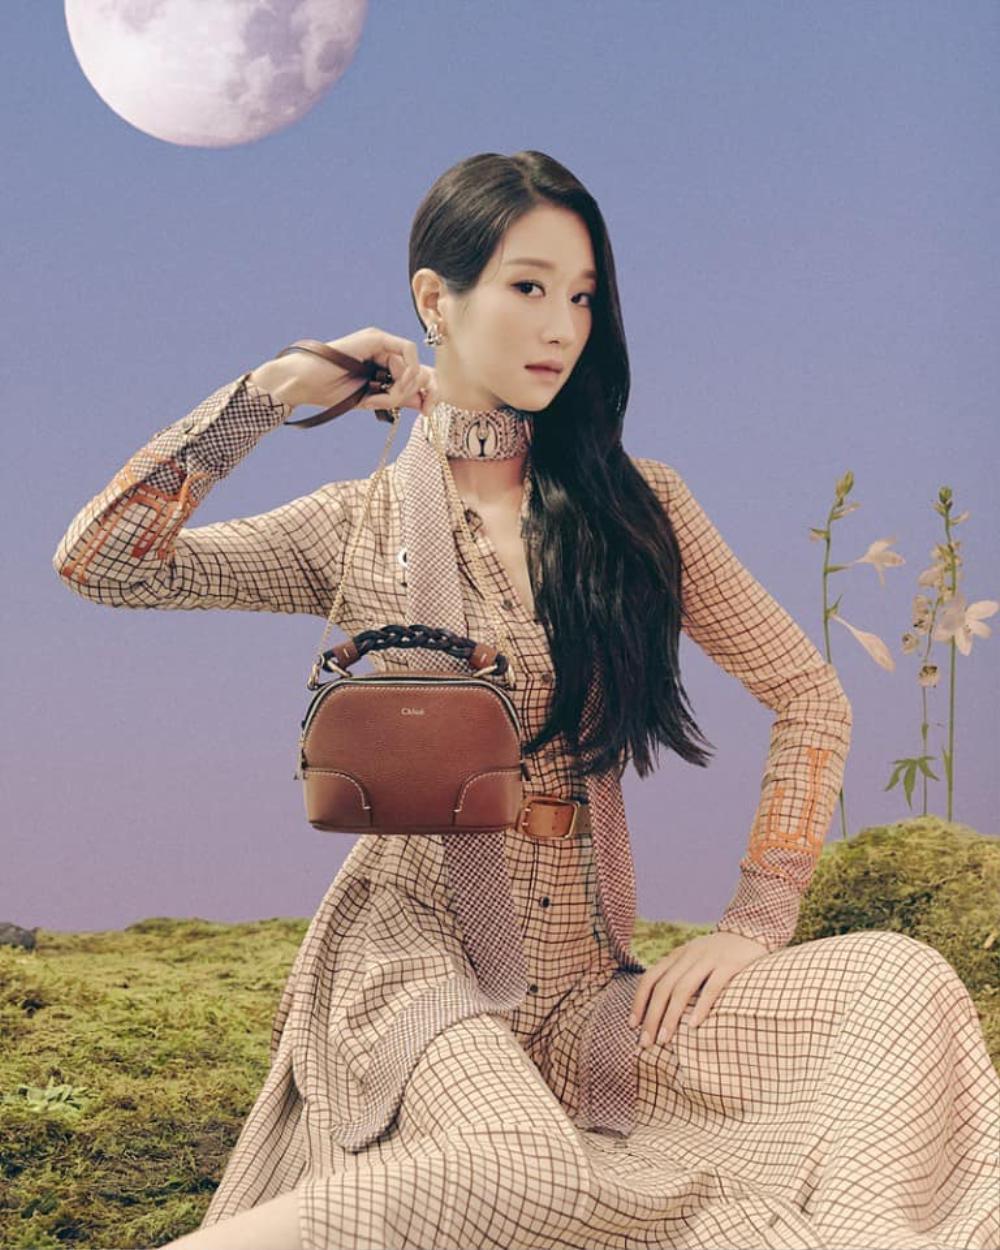 'Điên nữ' Seo Ye Ji đẹp mơ màng khi làm nàng thơ cho hãng thời trang Pháp Ảnh 6